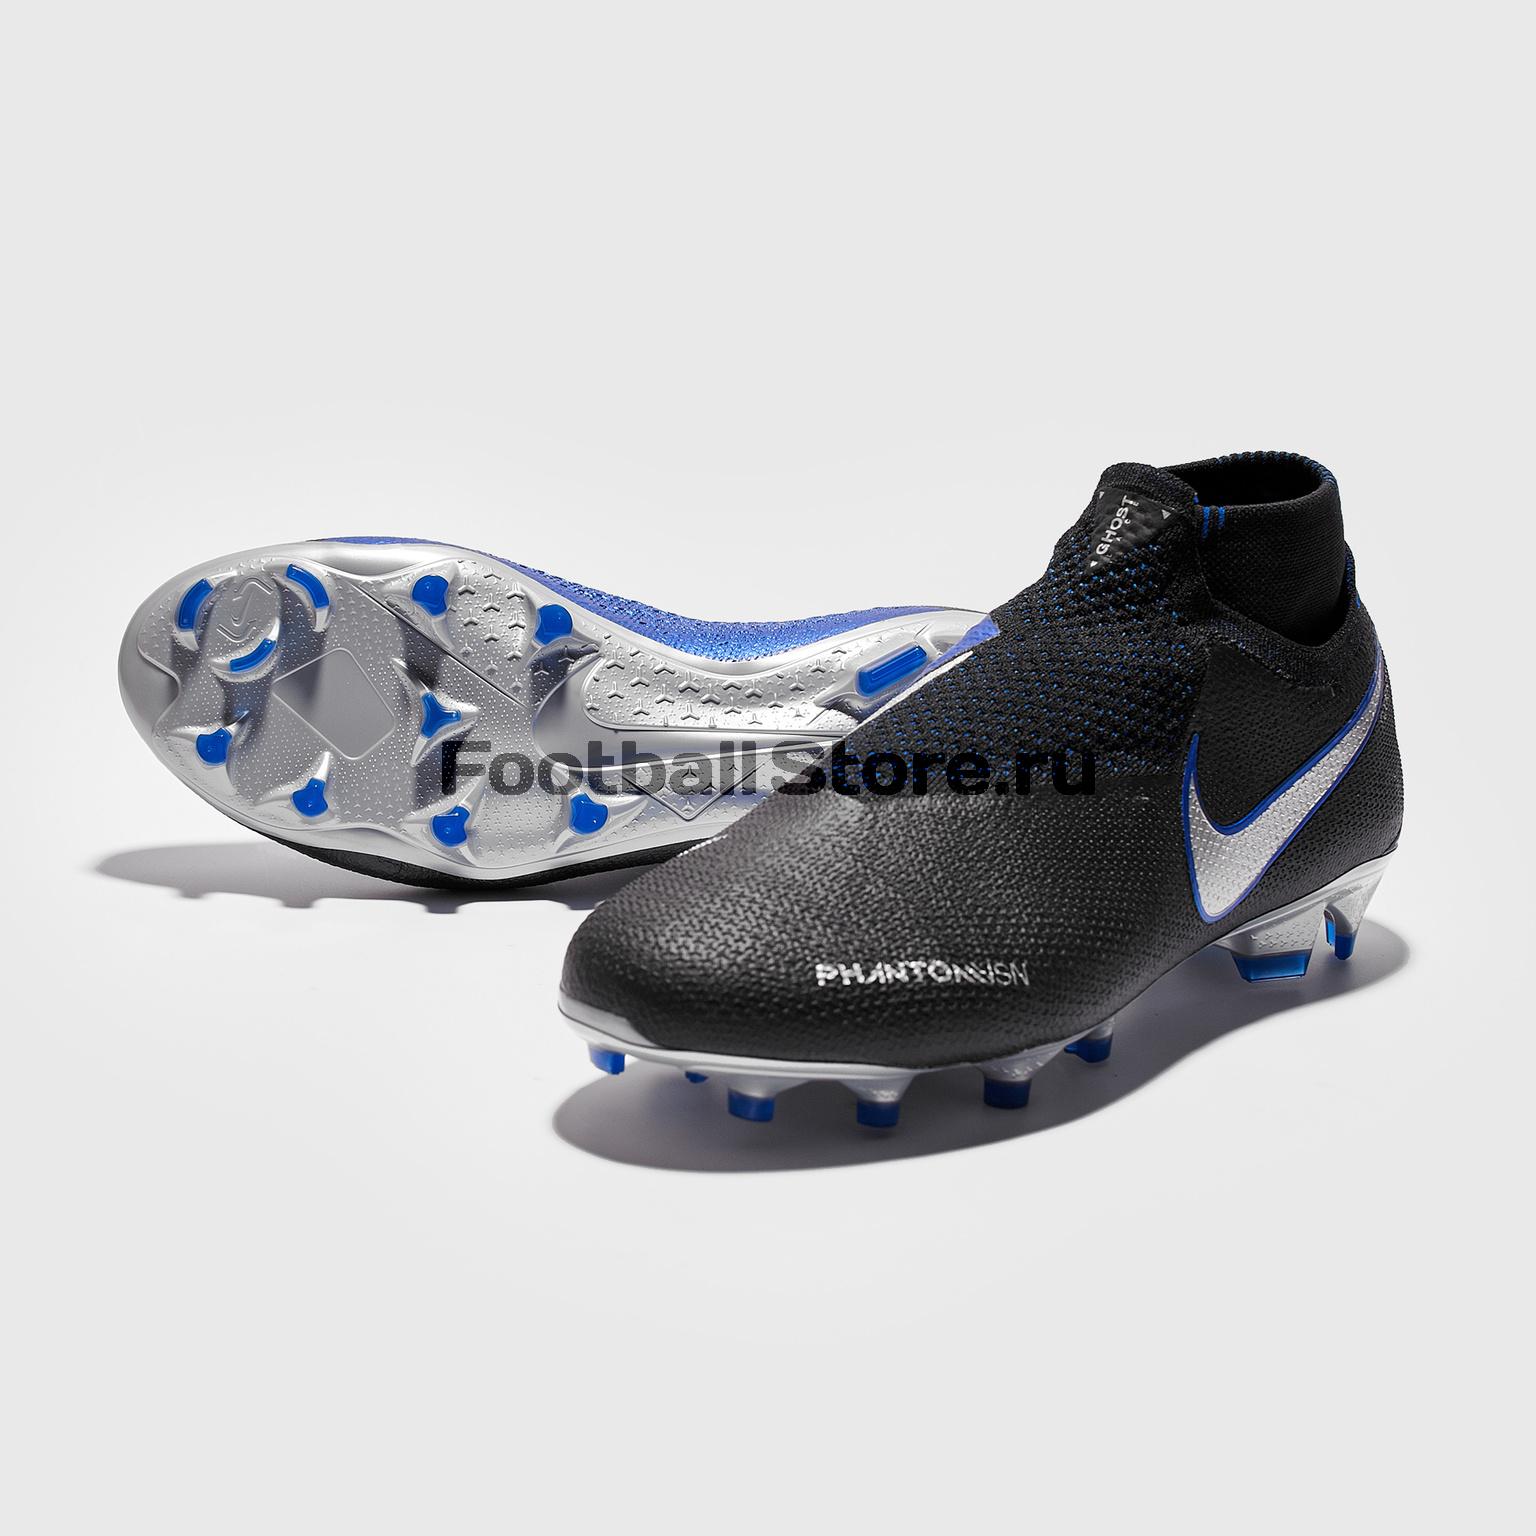 Бутсы Nike Phantom Vision Elite DF FG AO3262-004 бутсы детские nike phantom vision elite df fg mg ao3289 600